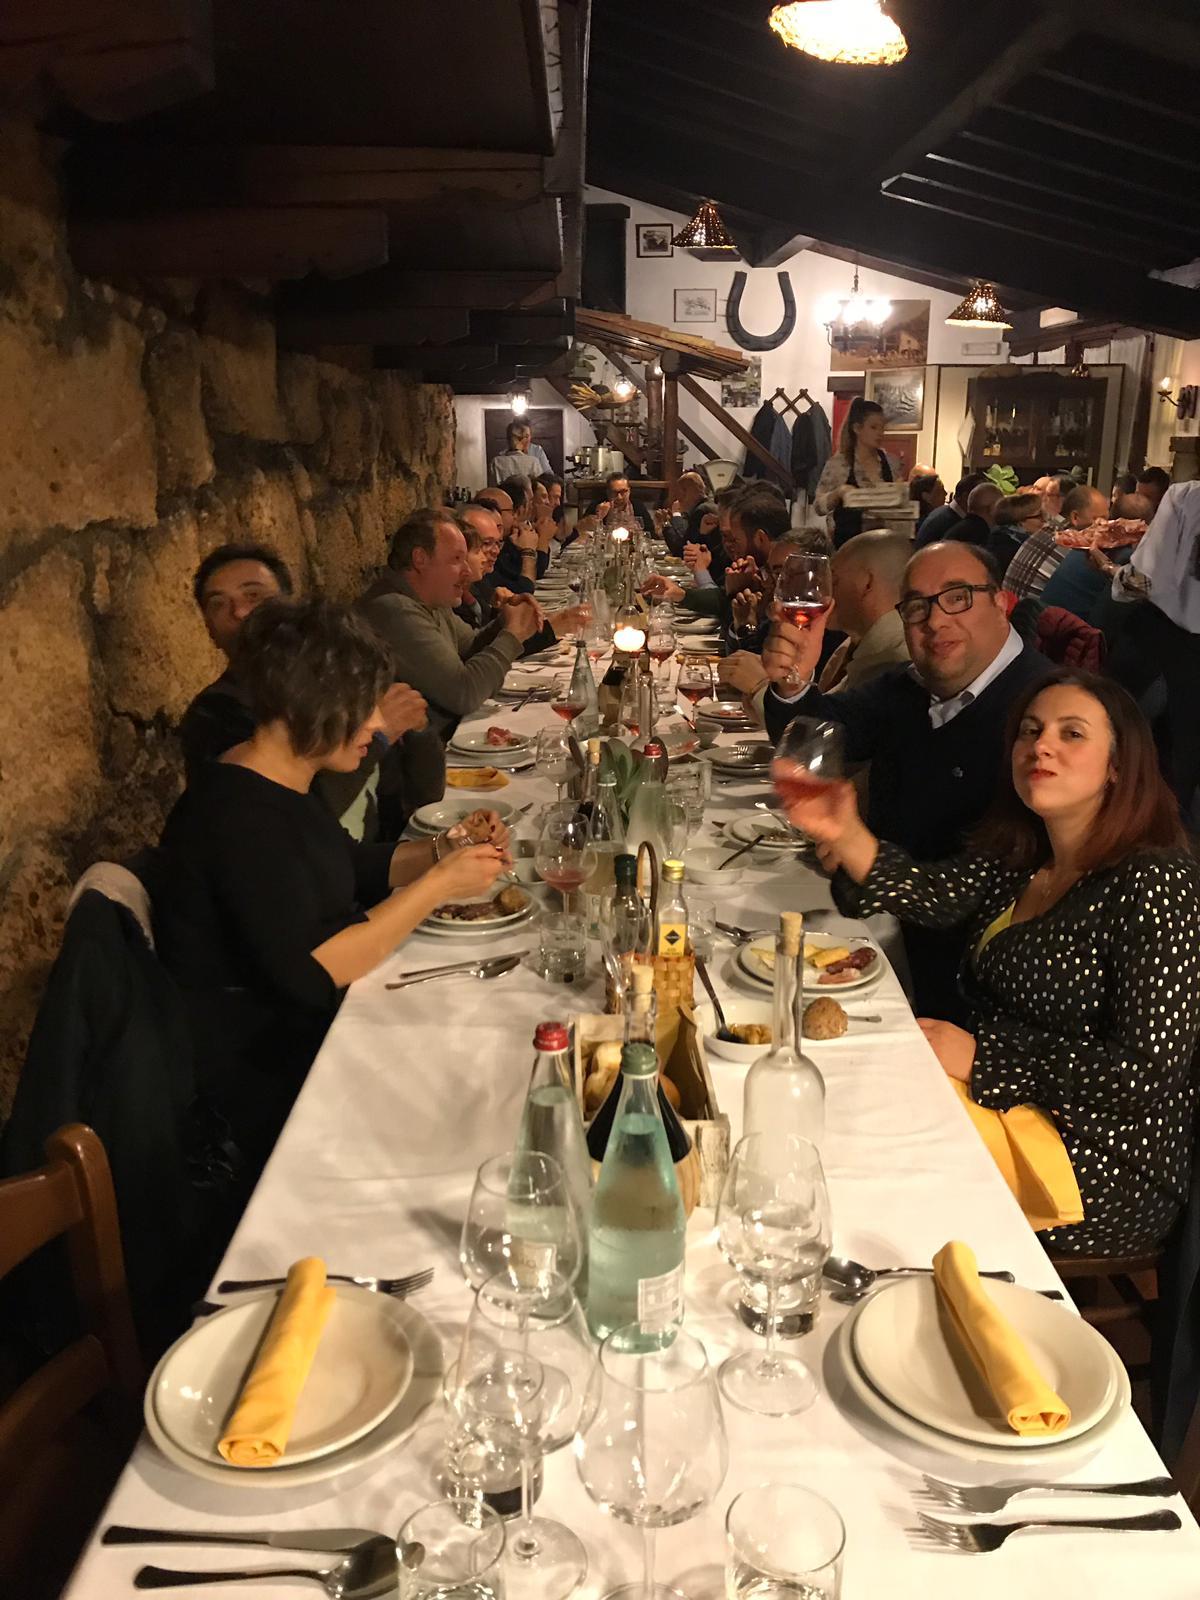 CENA PER I CLIENTI BRECO VR Cena per i clienti Breco VR